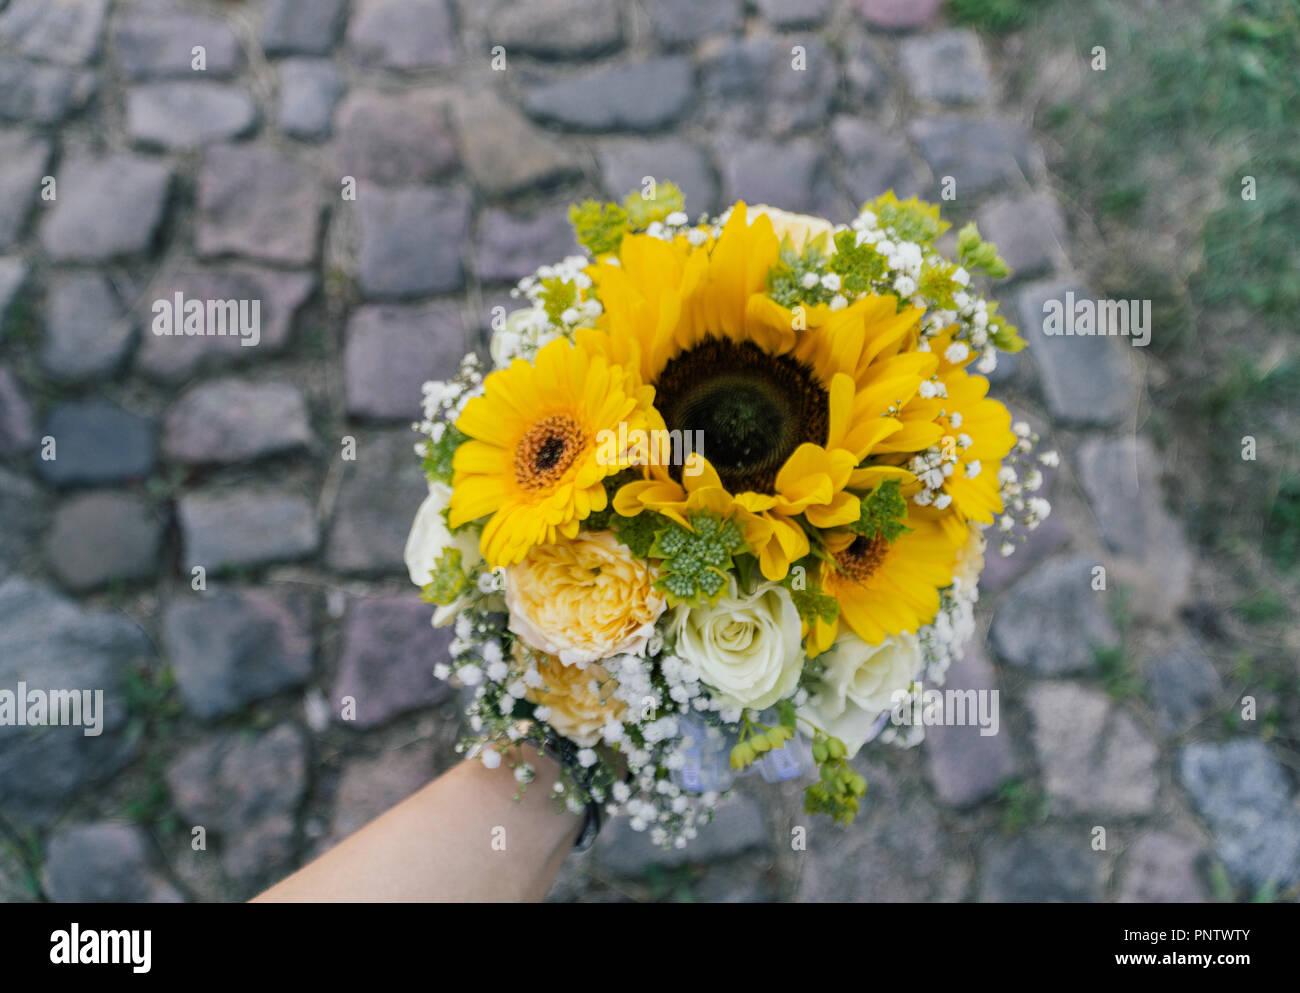 Sonnenblume Hochzeit Stockfotos Sonnenblume Hochzeit Bilder Alamy